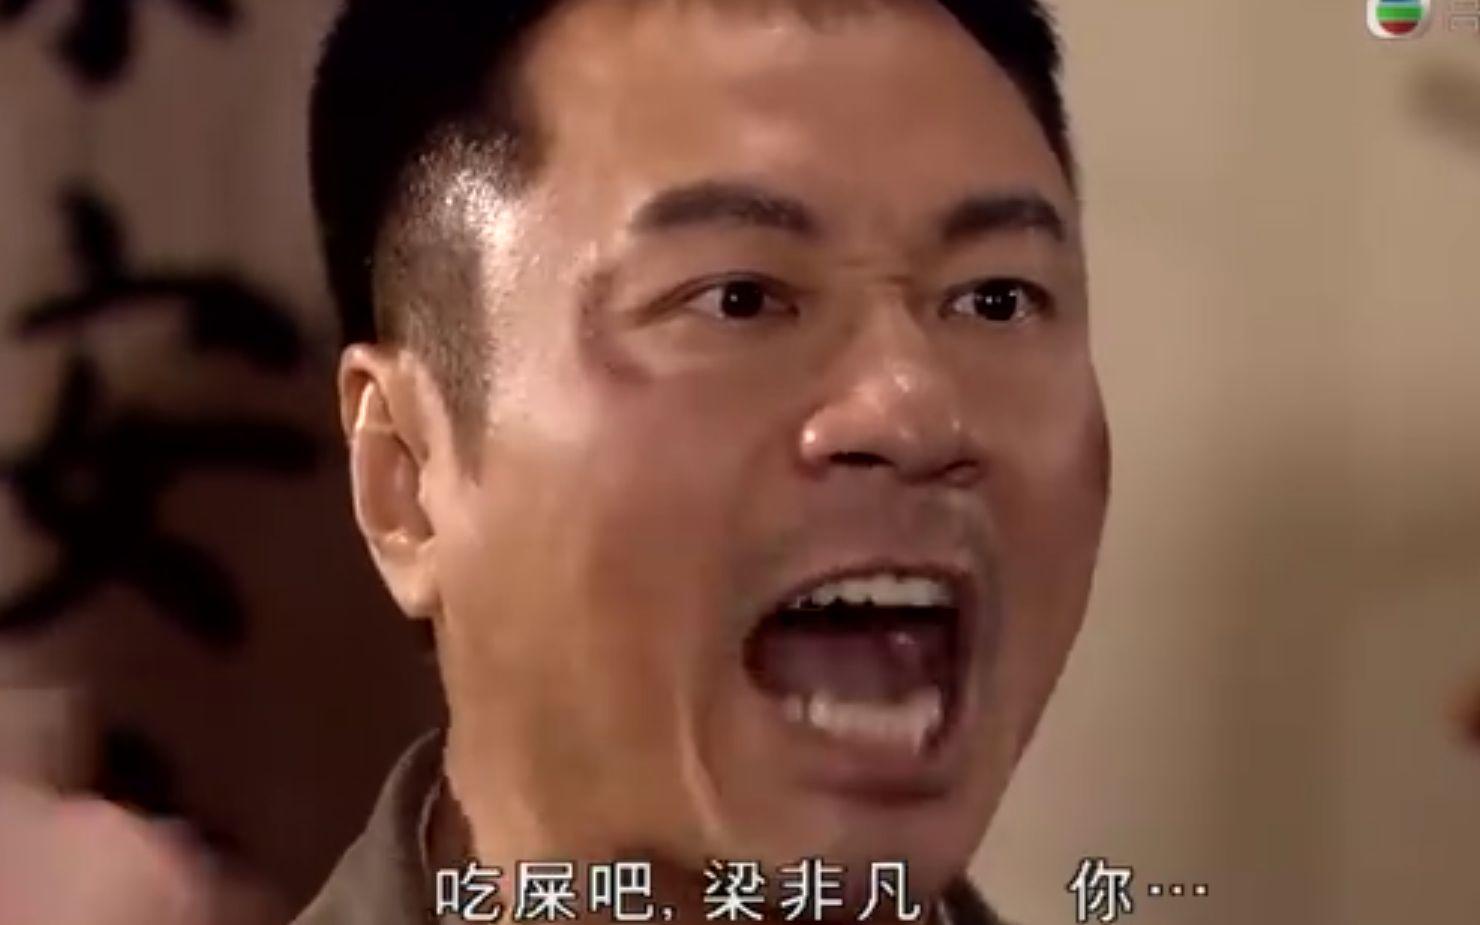 梁非凡_【梁非凡】甩葱歌 新手练习